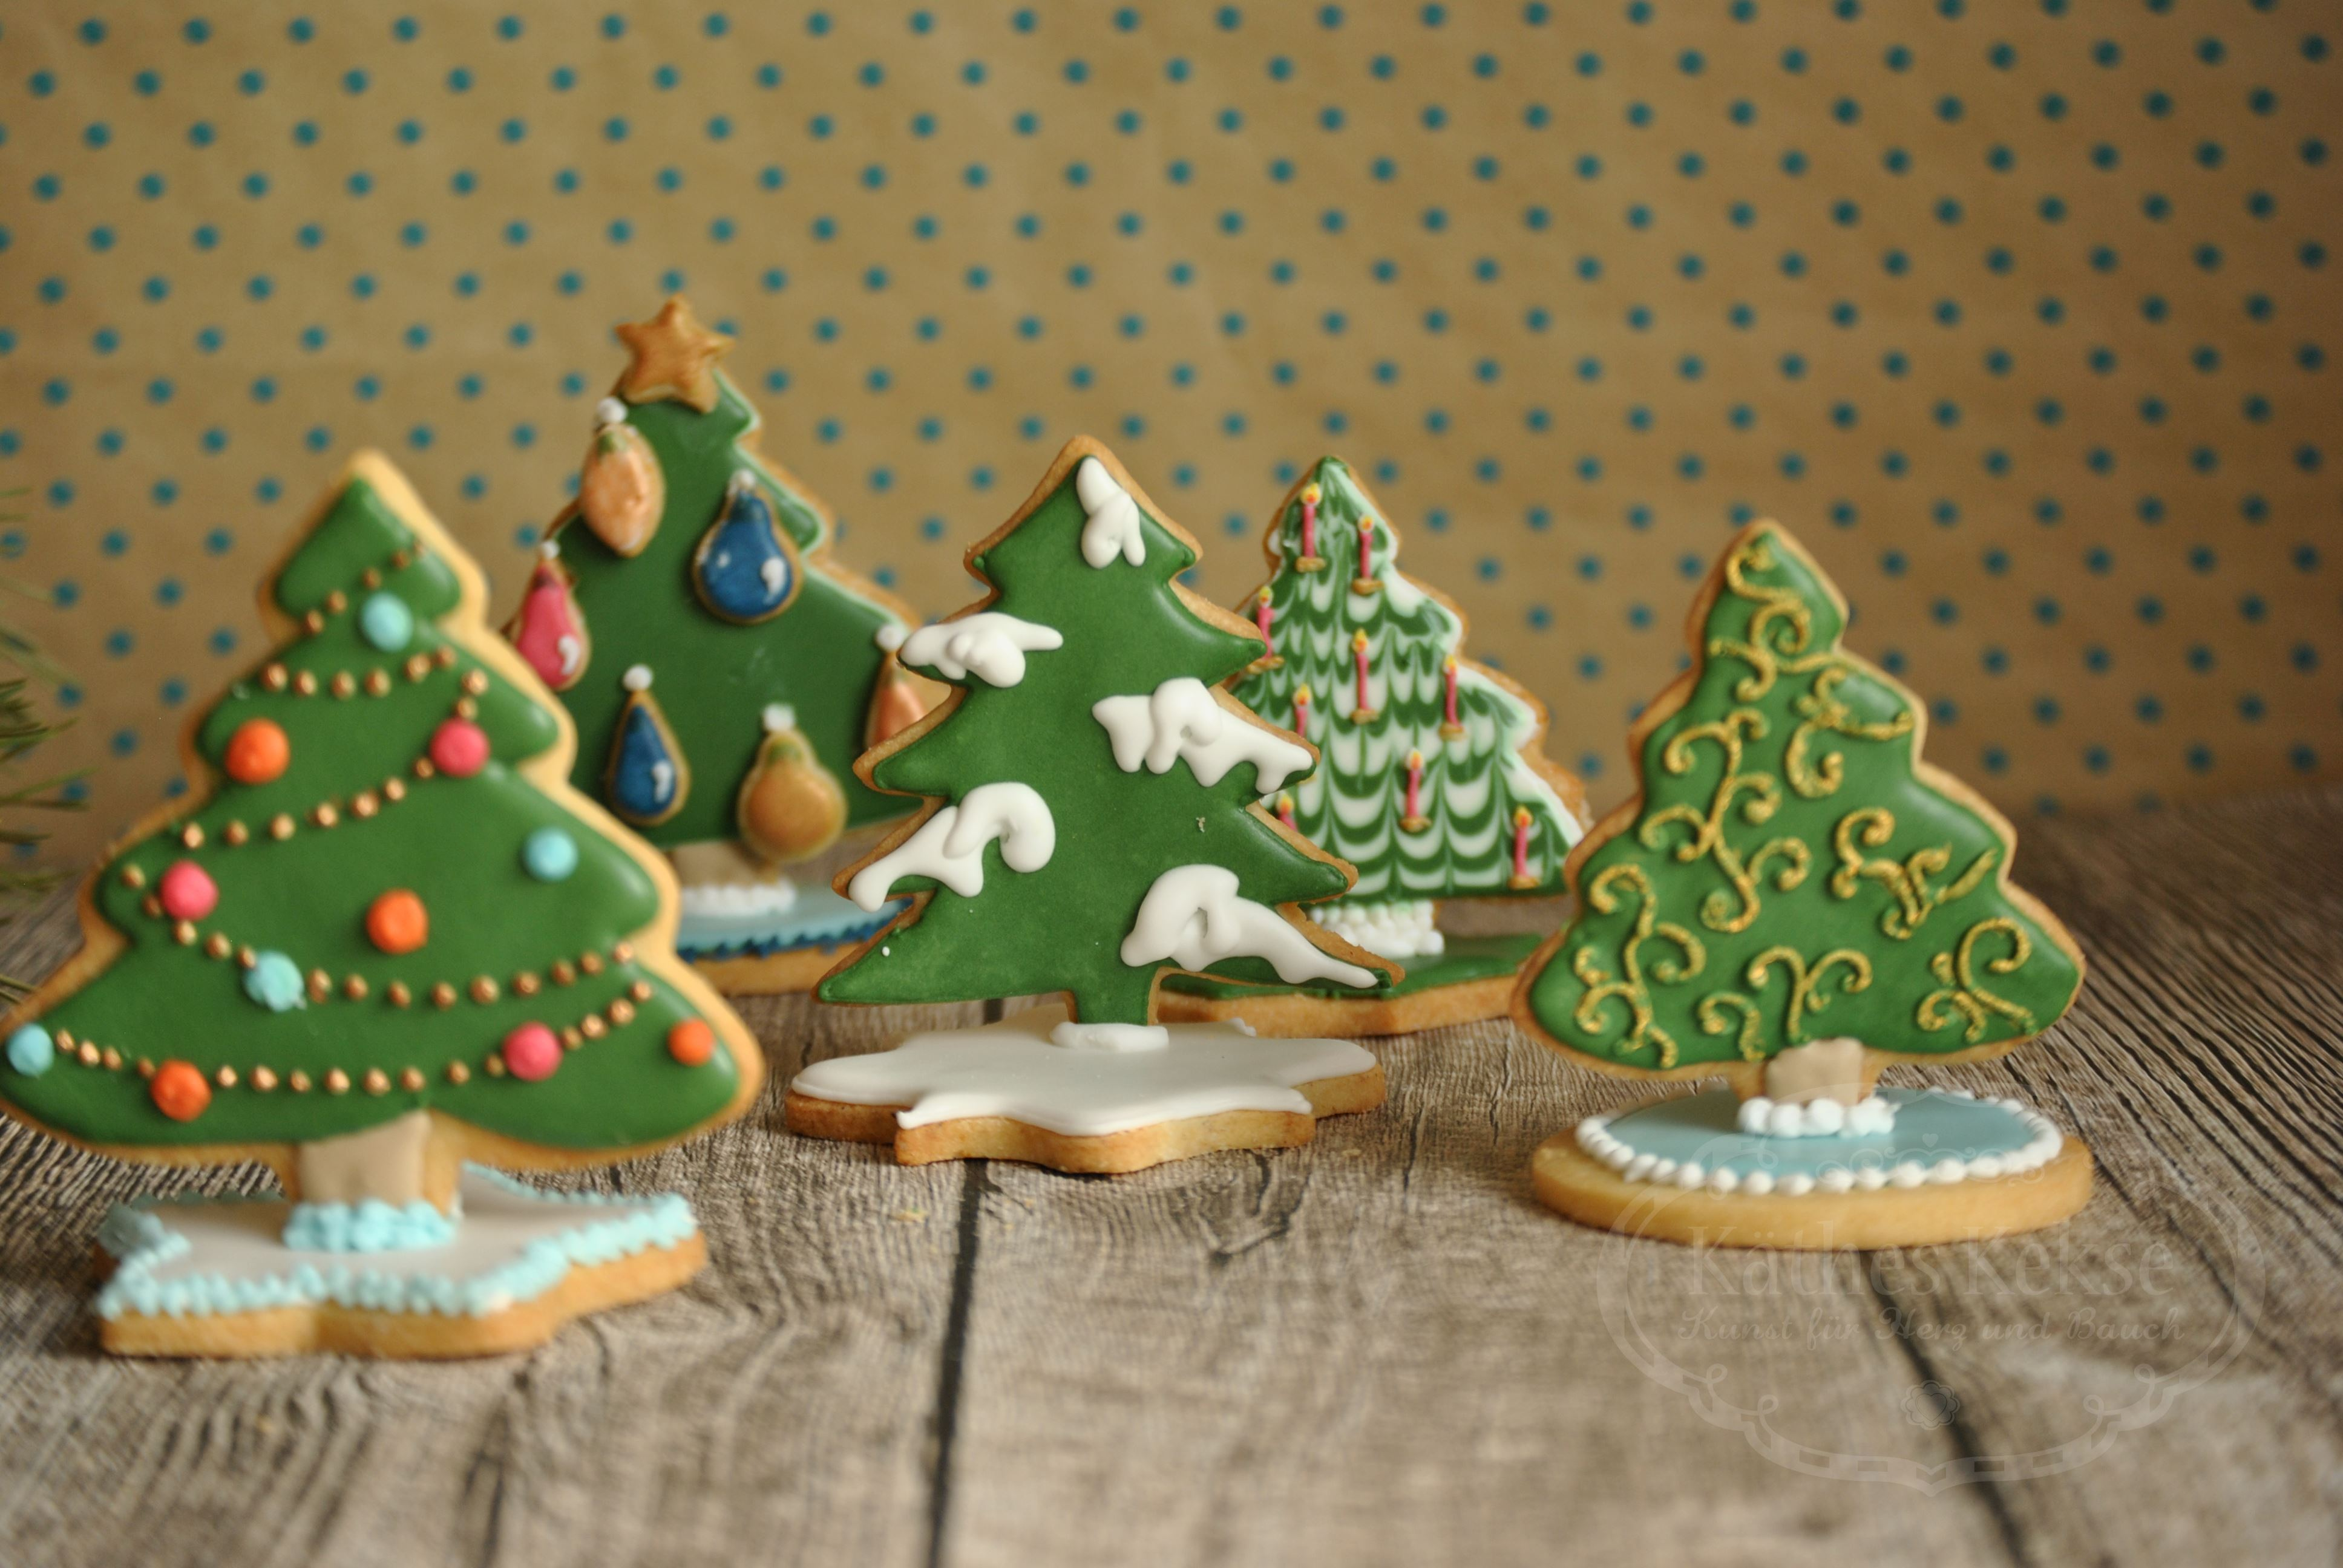 3D Kekse zum Advent